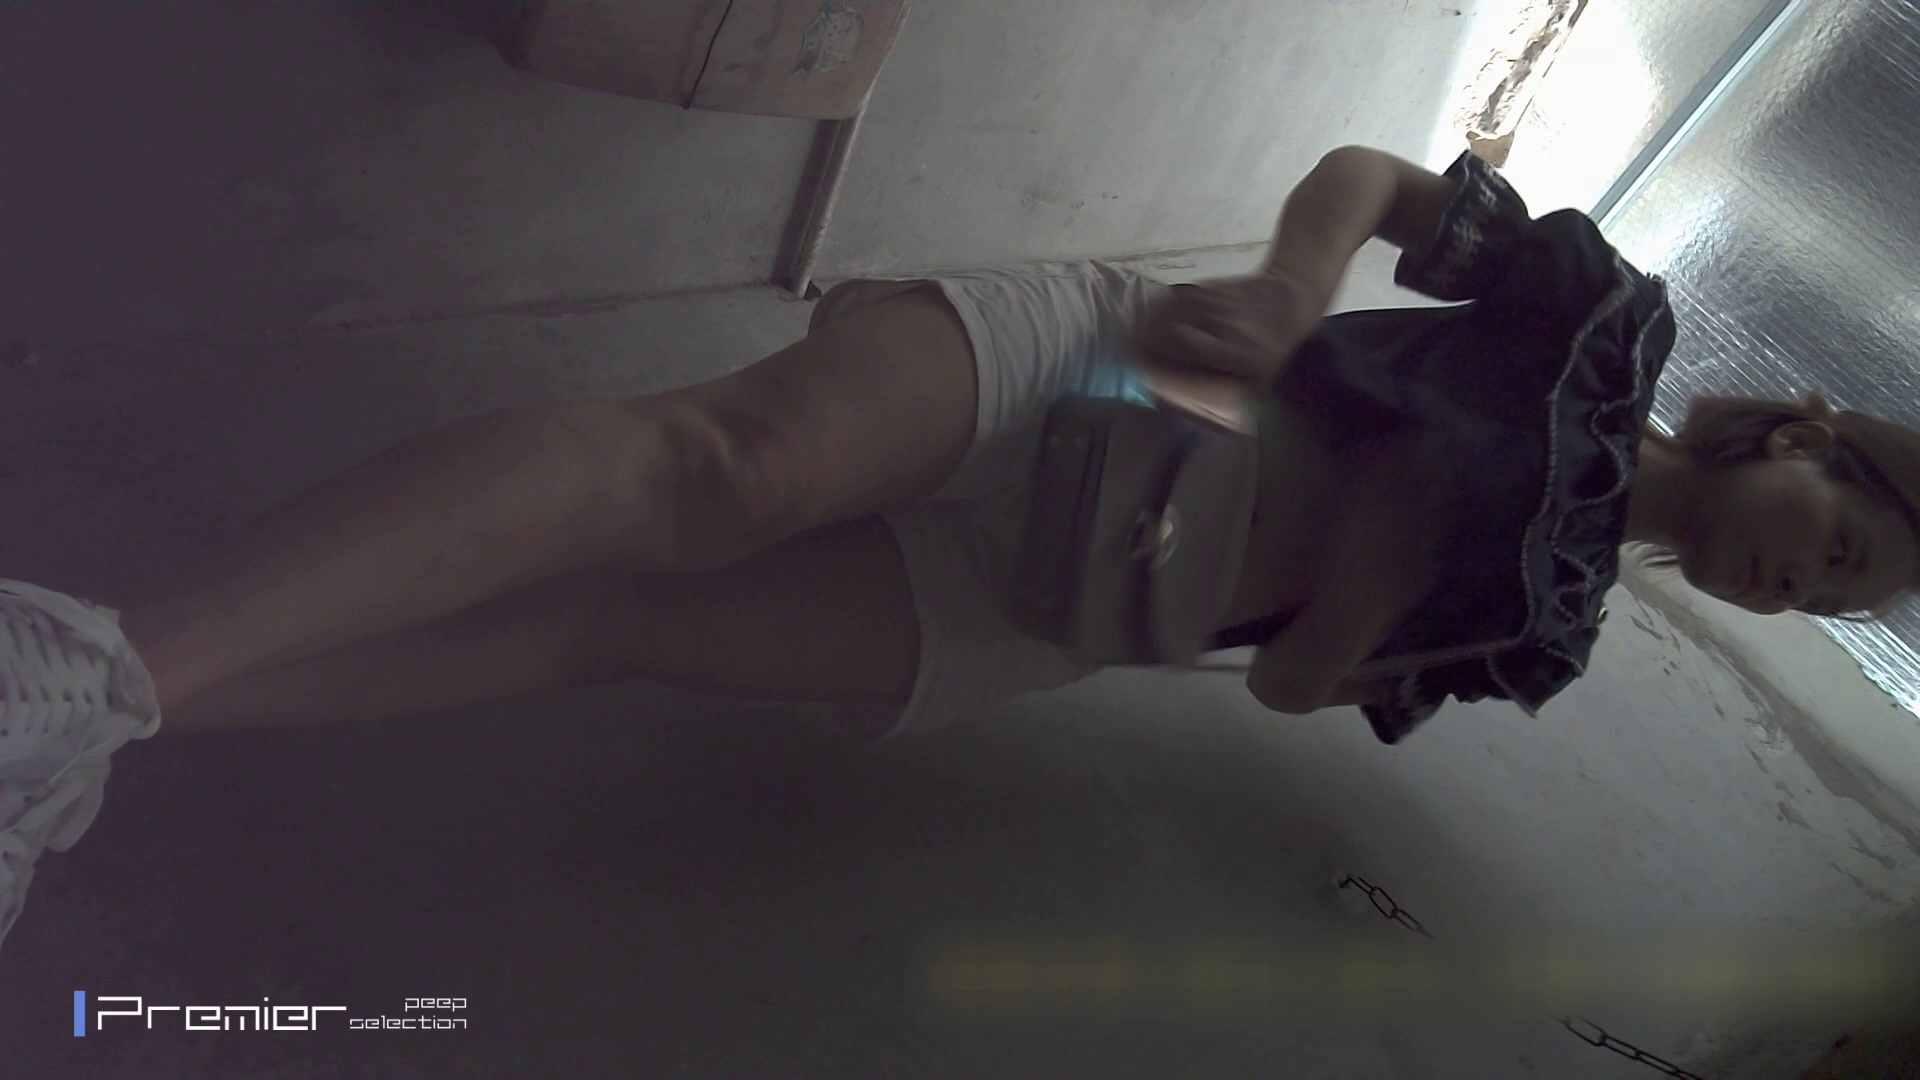 トイレシーンを密着盗撮!! 美女の痴態に密着!Vol.20 トイレ アダルト動画キャプチャ 54pic 7